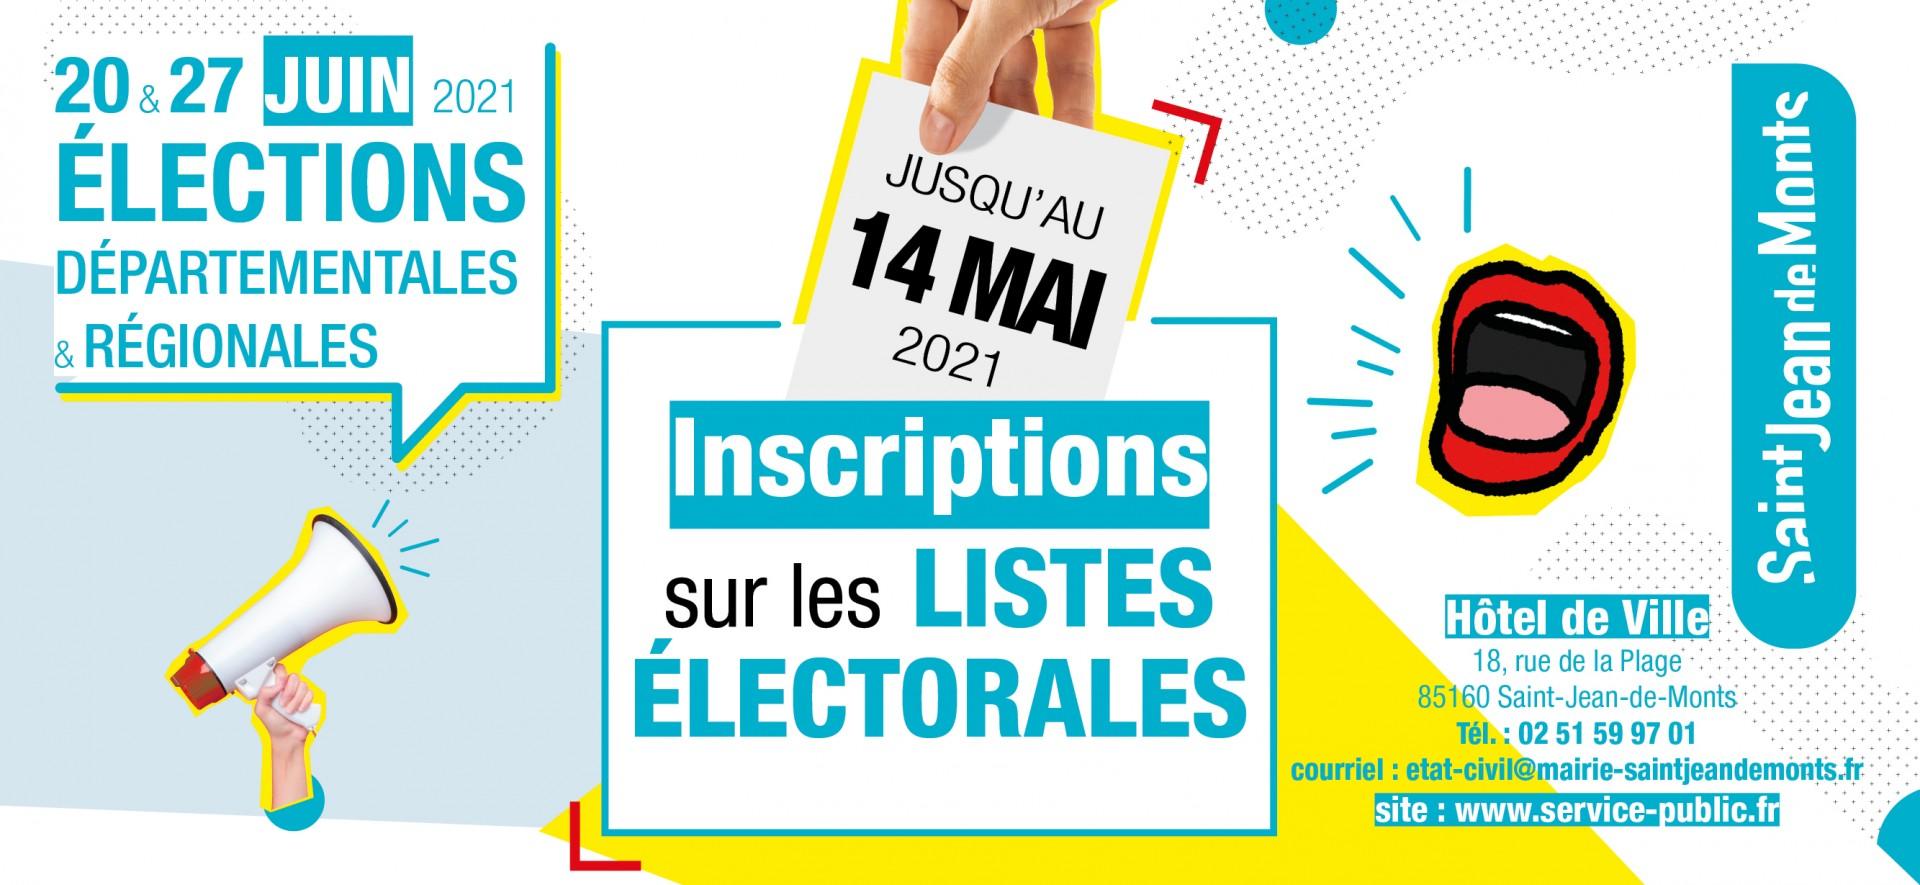 inscrip-listes-elec-actu-grand-site-9100